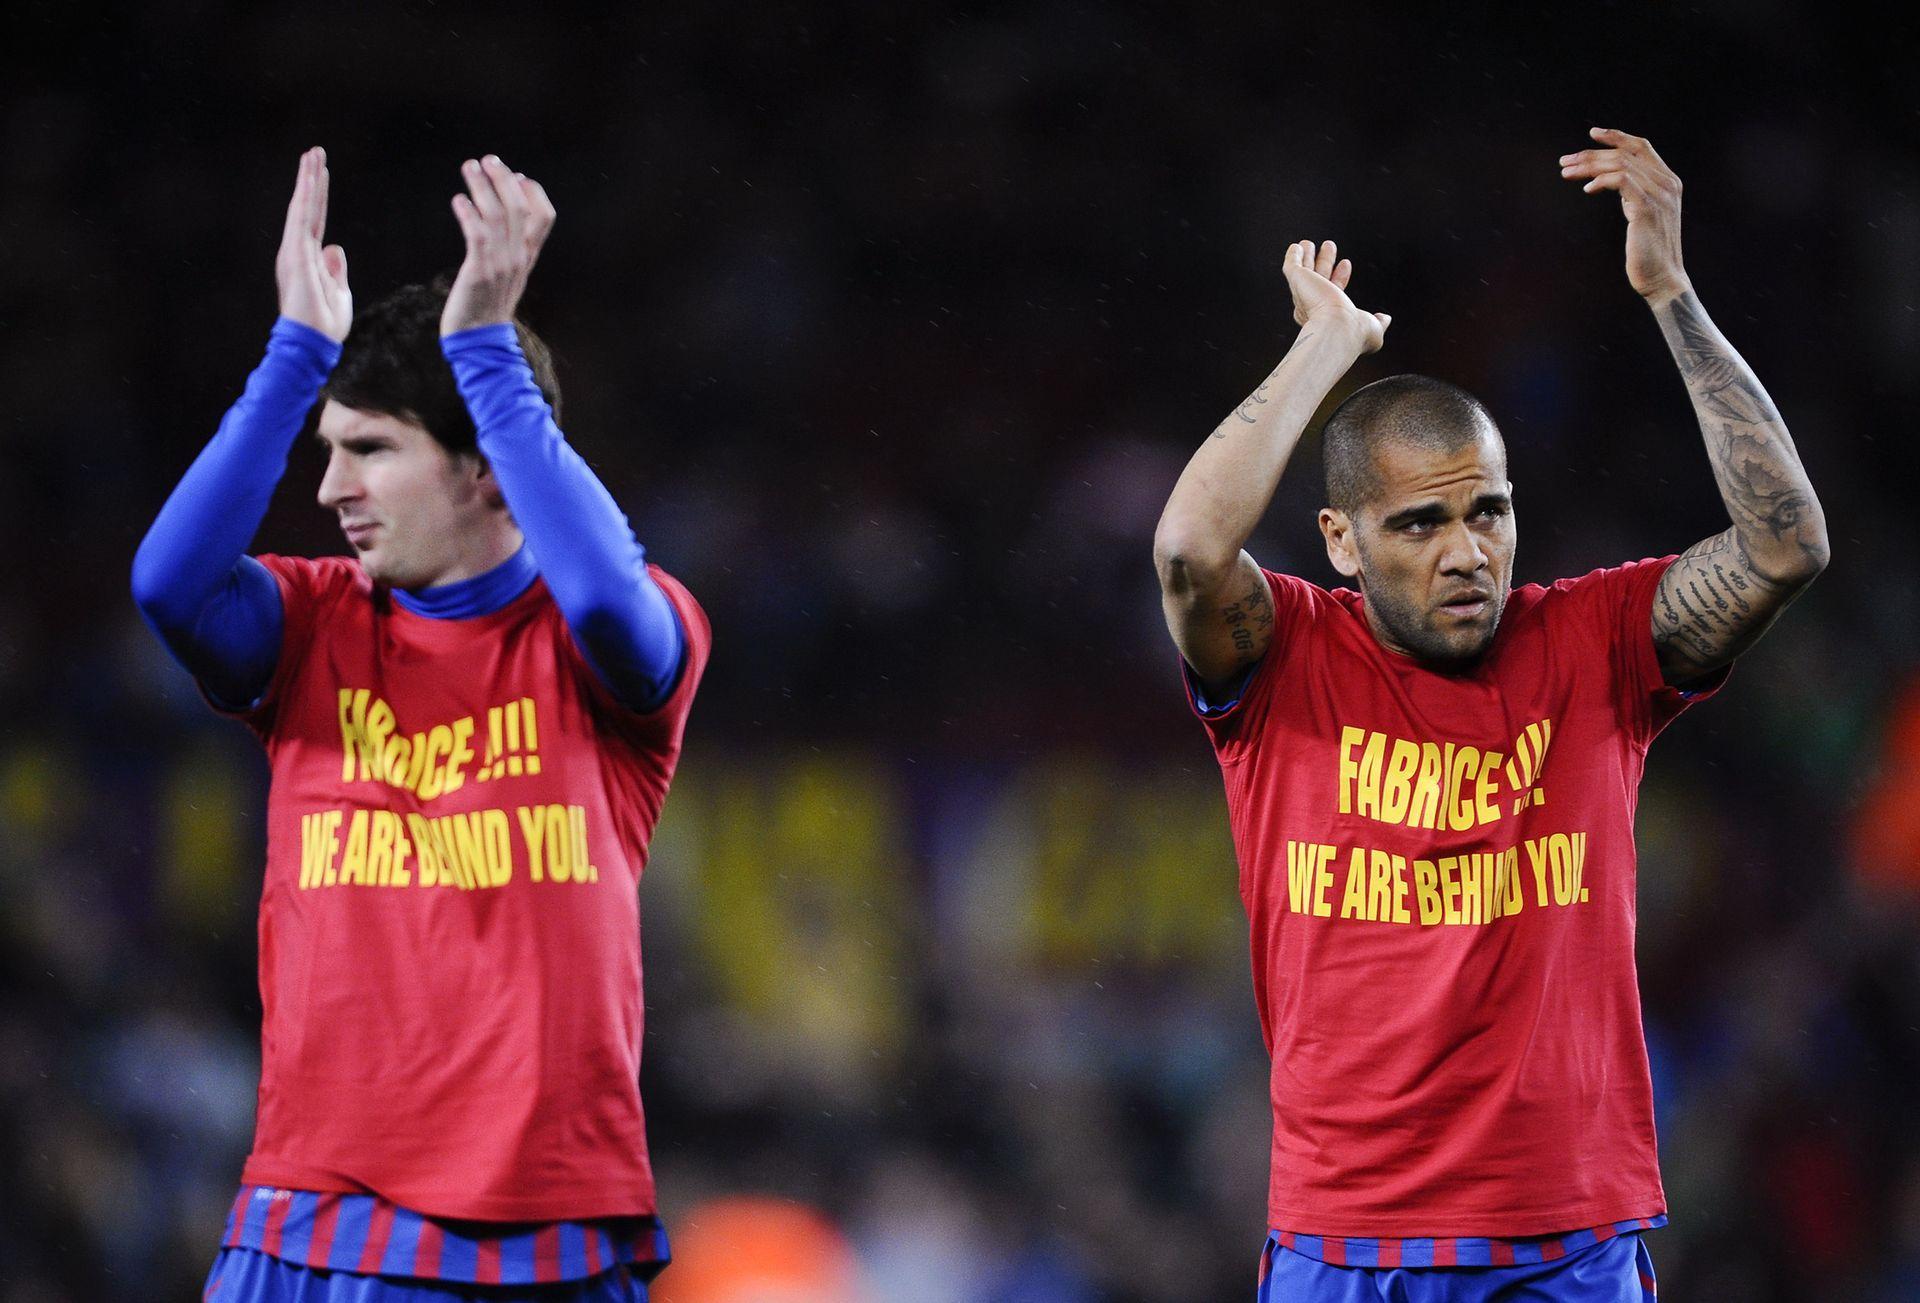 Лео Меси и Барселона също подкрепиха Муамба в битката му за живот ден след двубоя в Лондон, когато излязоха за техния мач в Испания